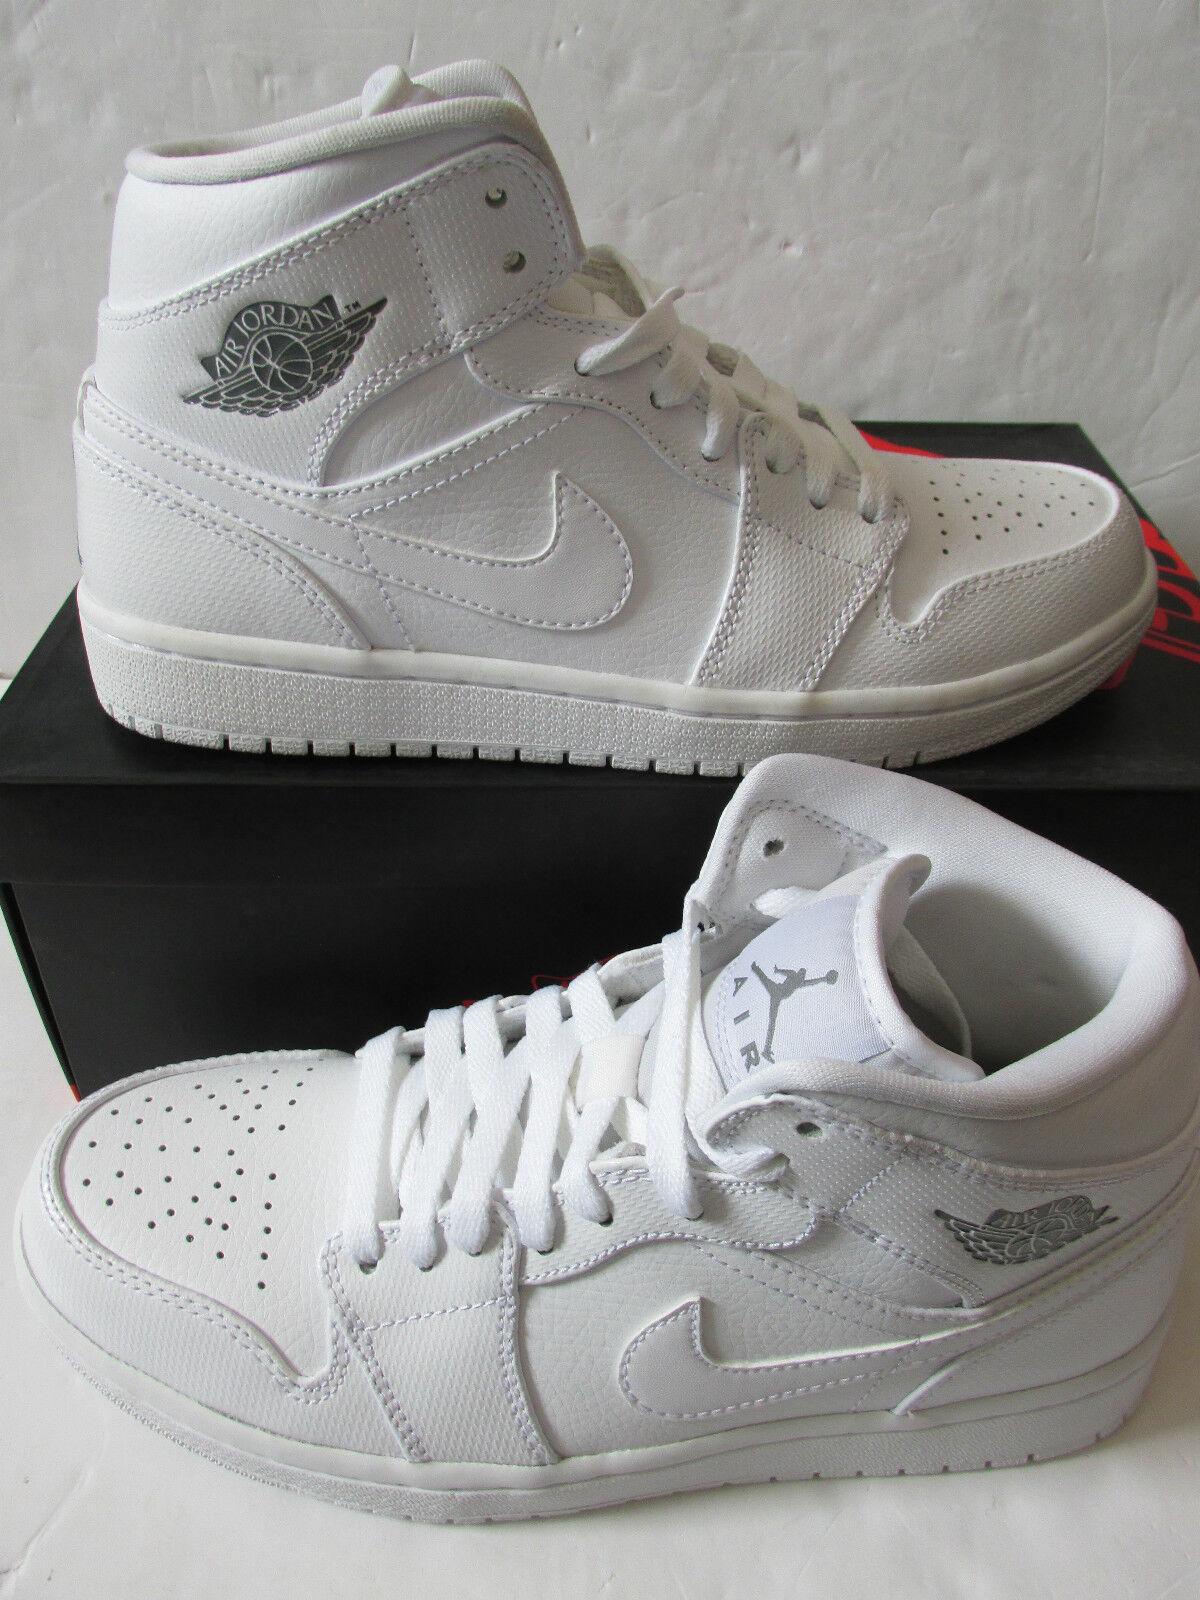 Nike Air Jordan 1 Mid Hombre Hi zapatillas Top Trainers 554724 120 zapatillas Hi zapatos cómodos y guapos a71e55